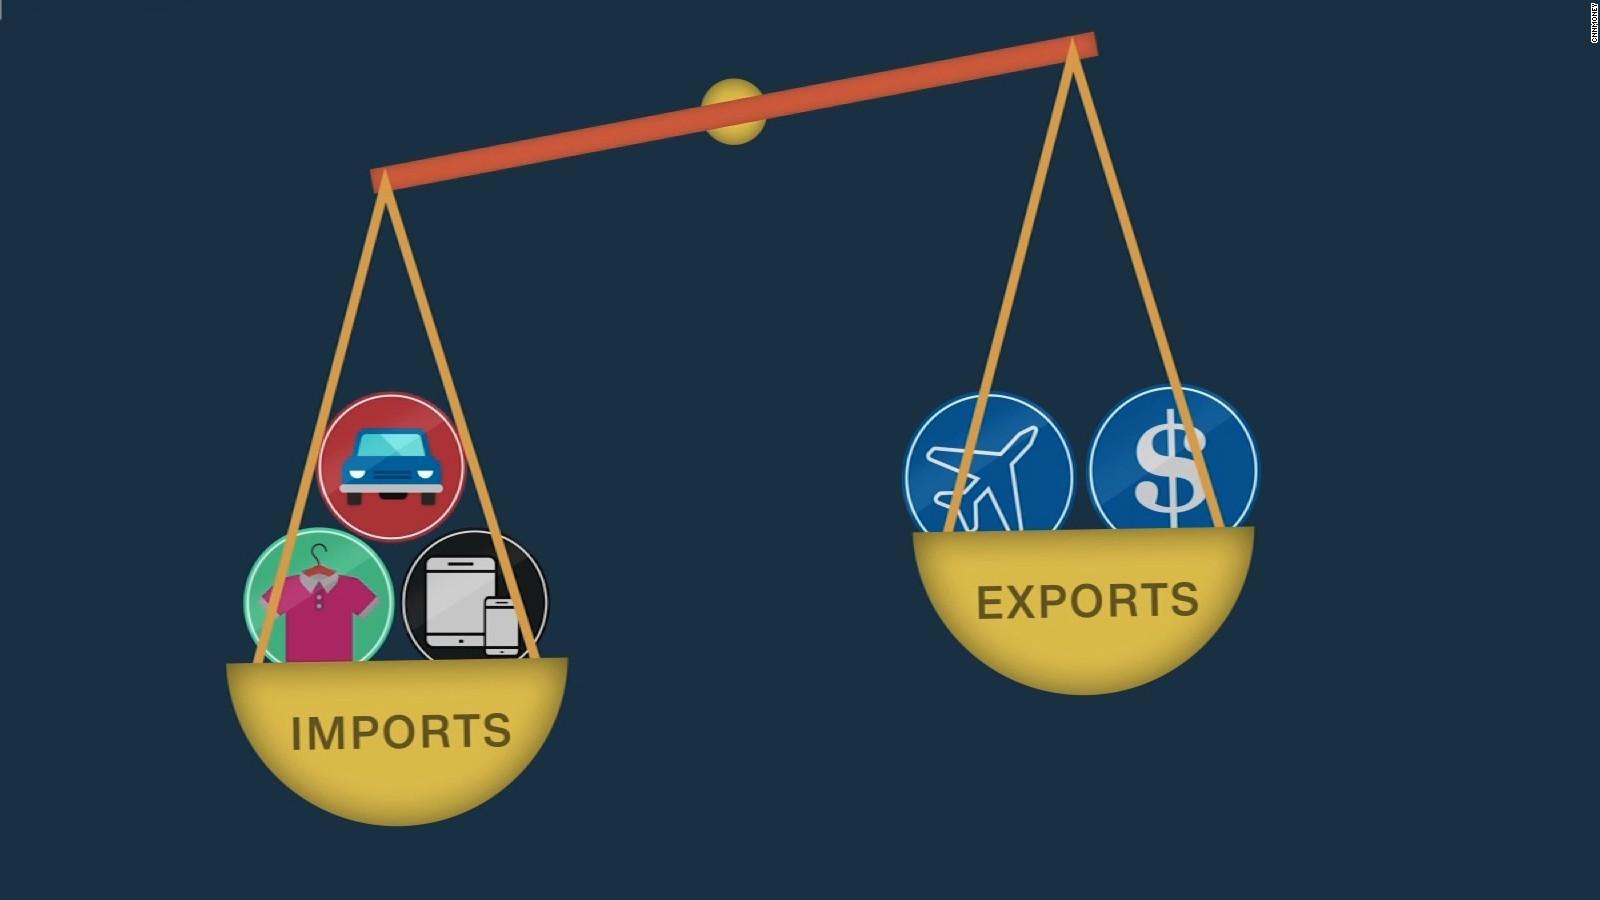 کسری تراز تجاری ترکیه به 15 میلیارد دلار رسید